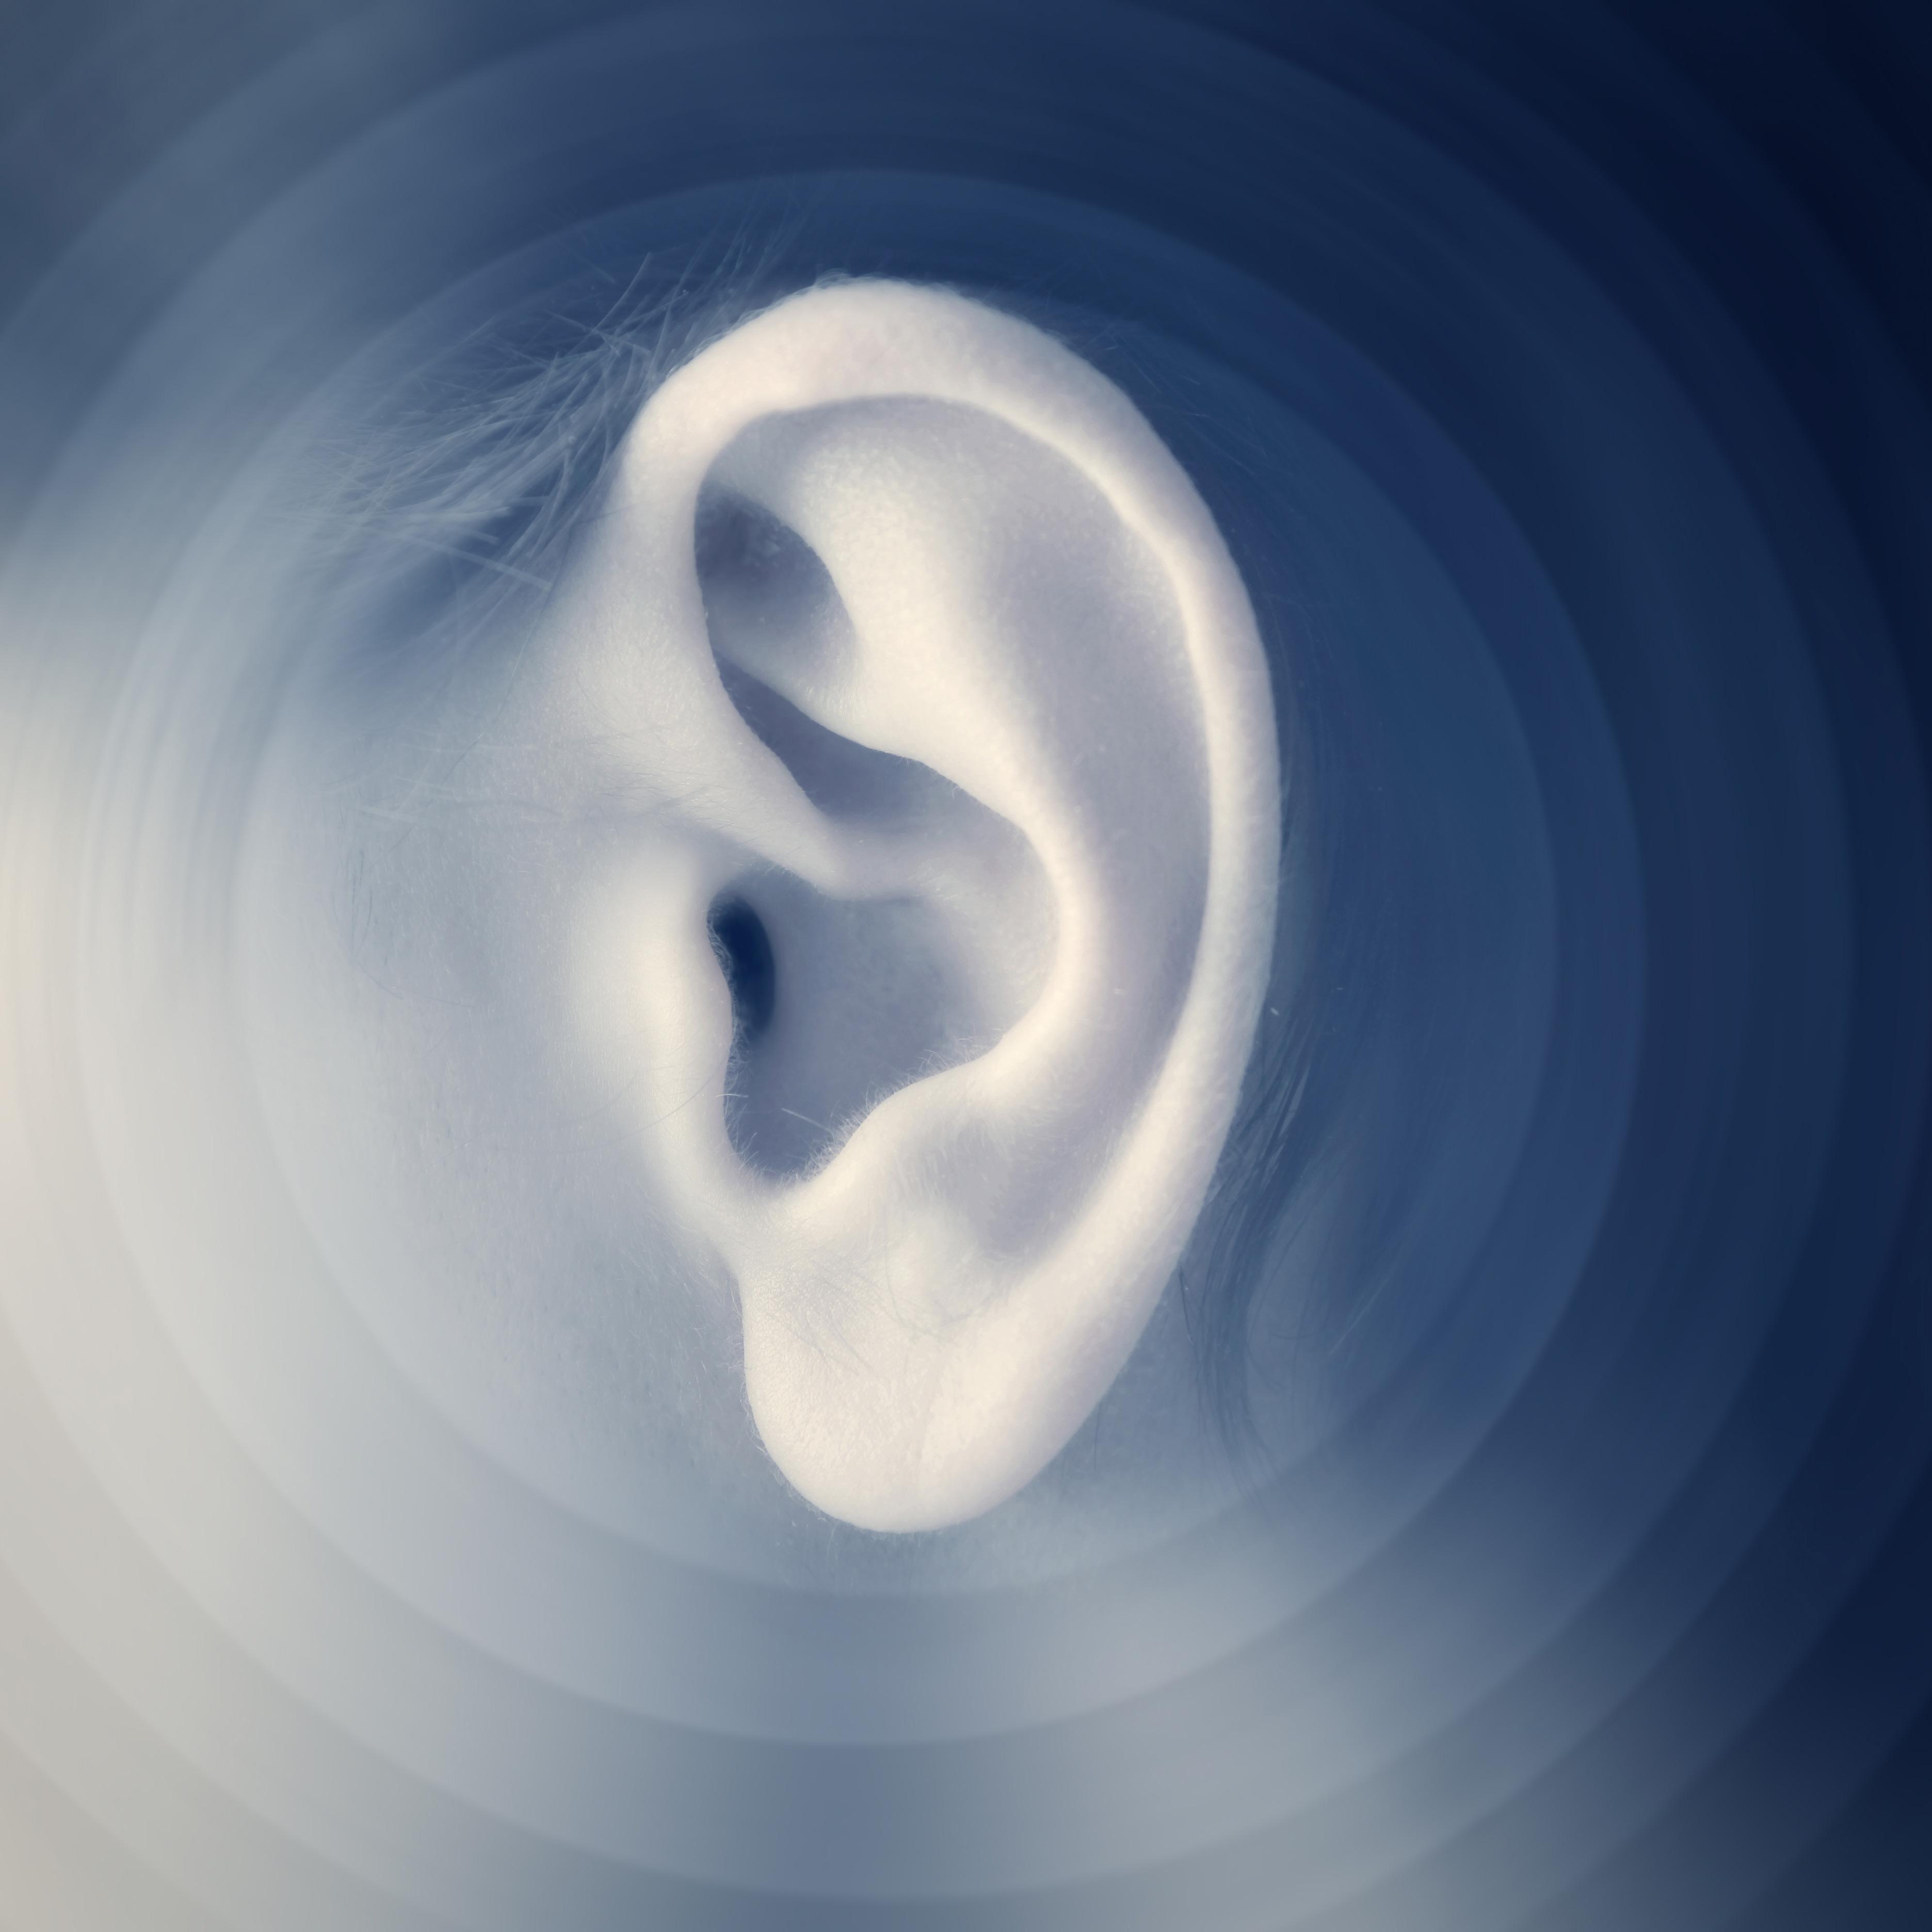 Sistemas de megafonía IP, la evolución del sonido